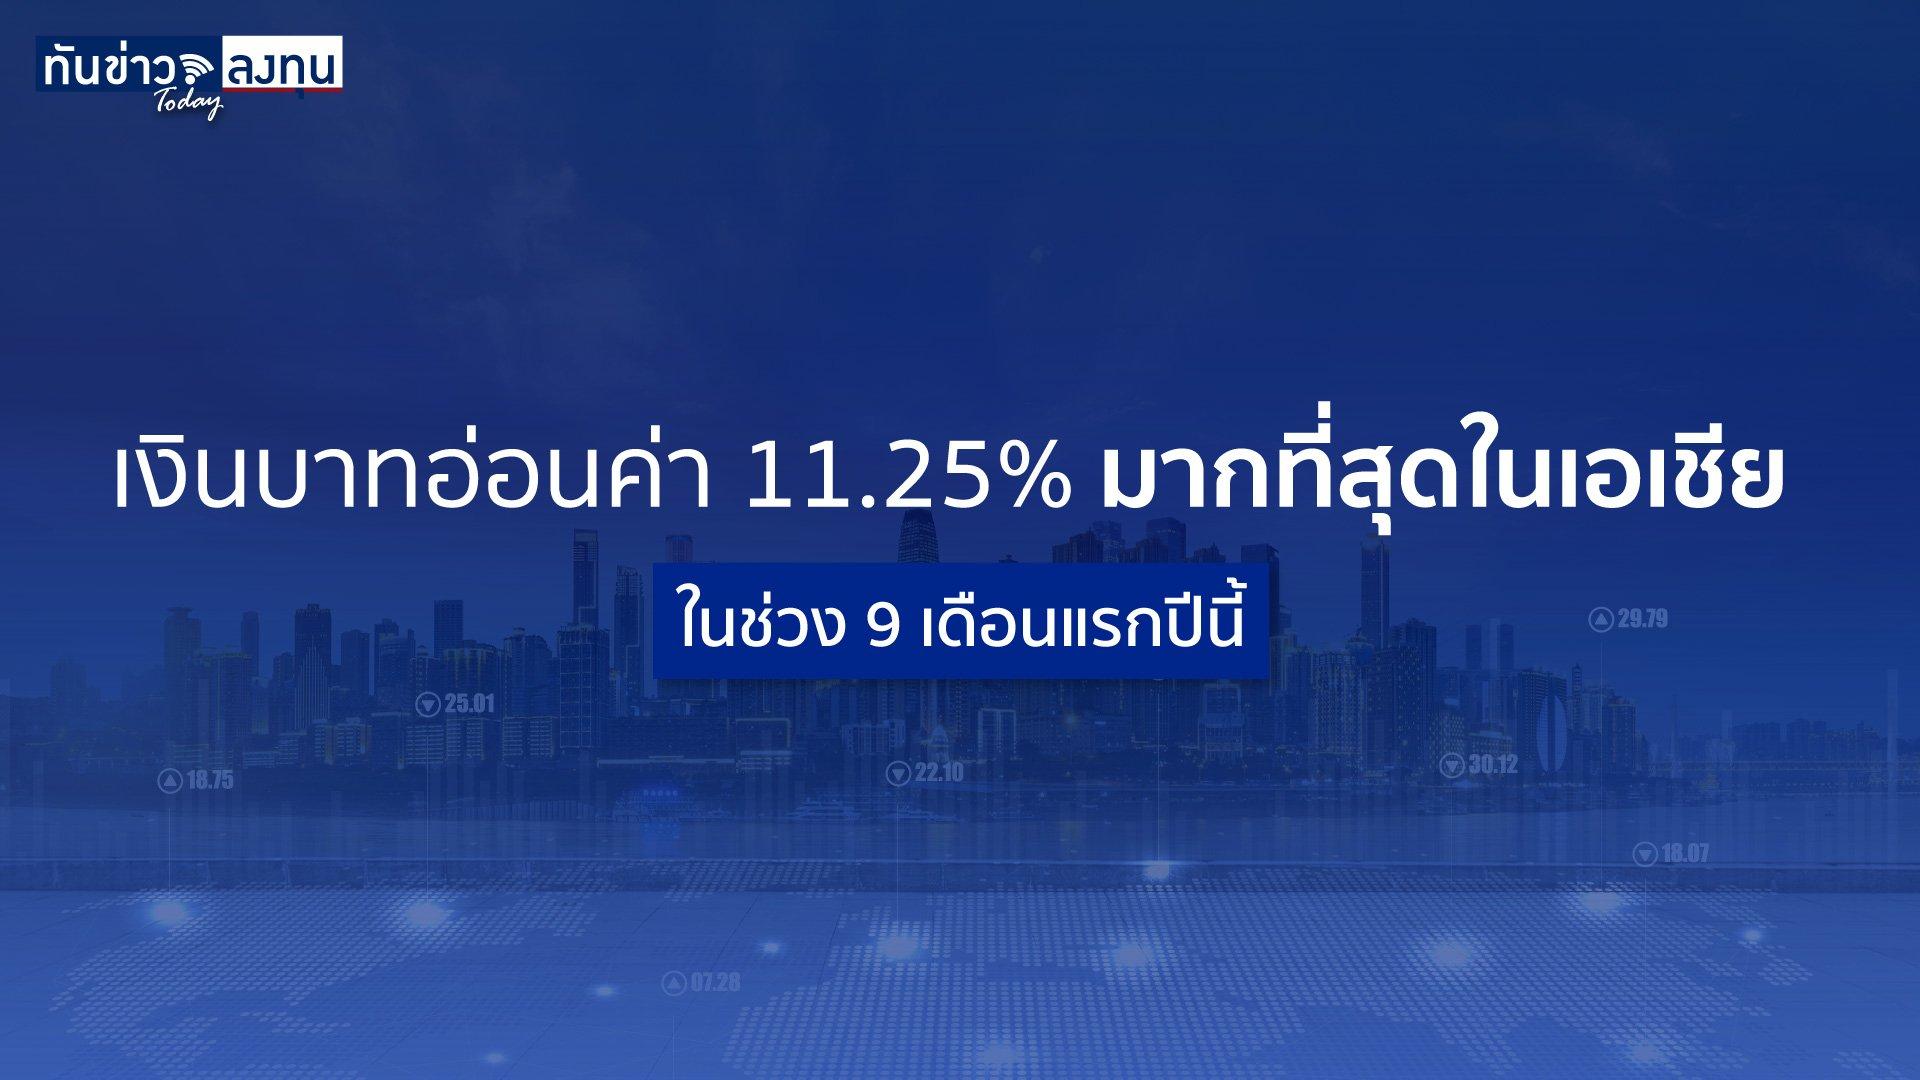 ธนาคารกรุงศรีฯ เปิดสถิติค่าเงินบาทในช่วง 9 เดือนแรกปีนี้  พบอ่อนค่า 11.25% มากที่สุดในเอเชีย ชี้เศรษฐกิจไทยยังคงอ่อนแอ  แต่ภาคการส่งออกได้ประโยชน์